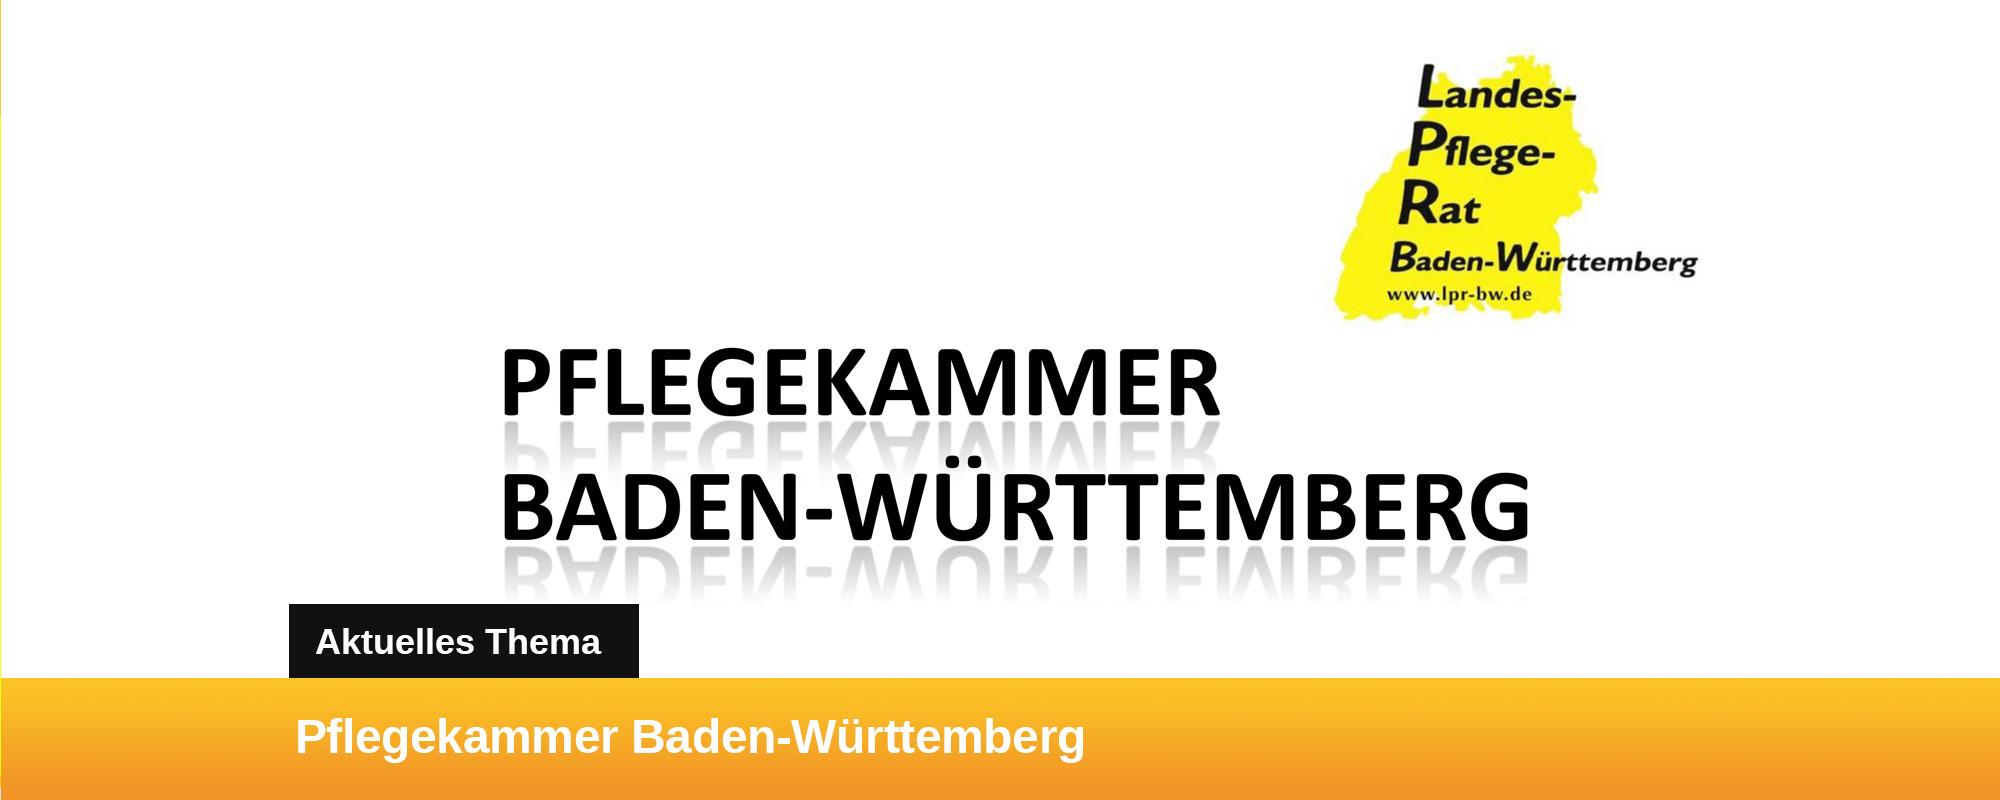 Pflegekammer Baden-Württemberg